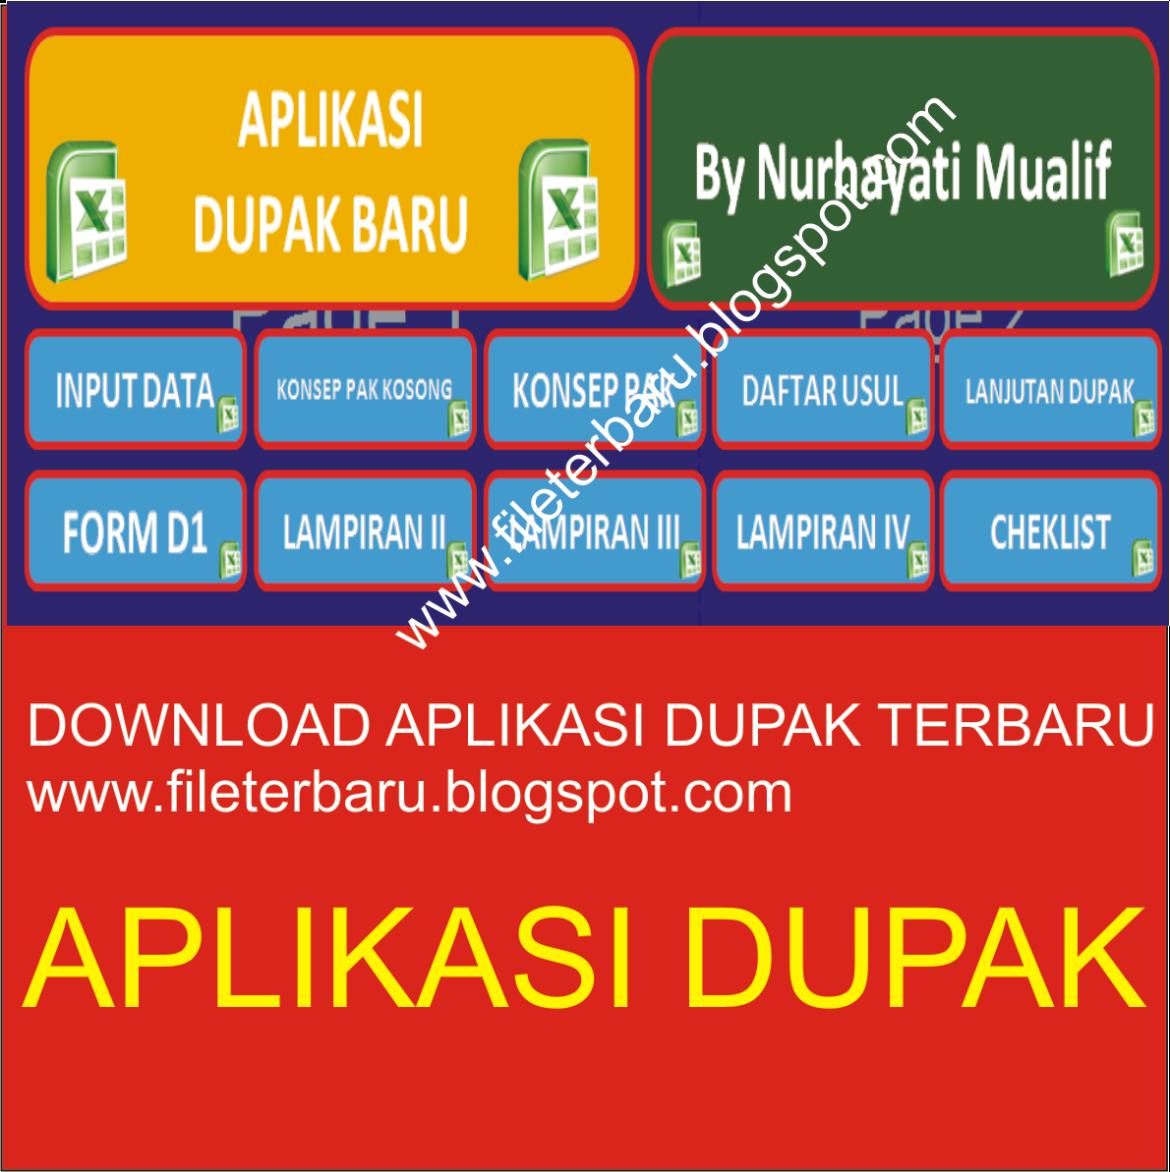 Download Aplikasi Dupak Terbaru 2016 Format Excel Gratis